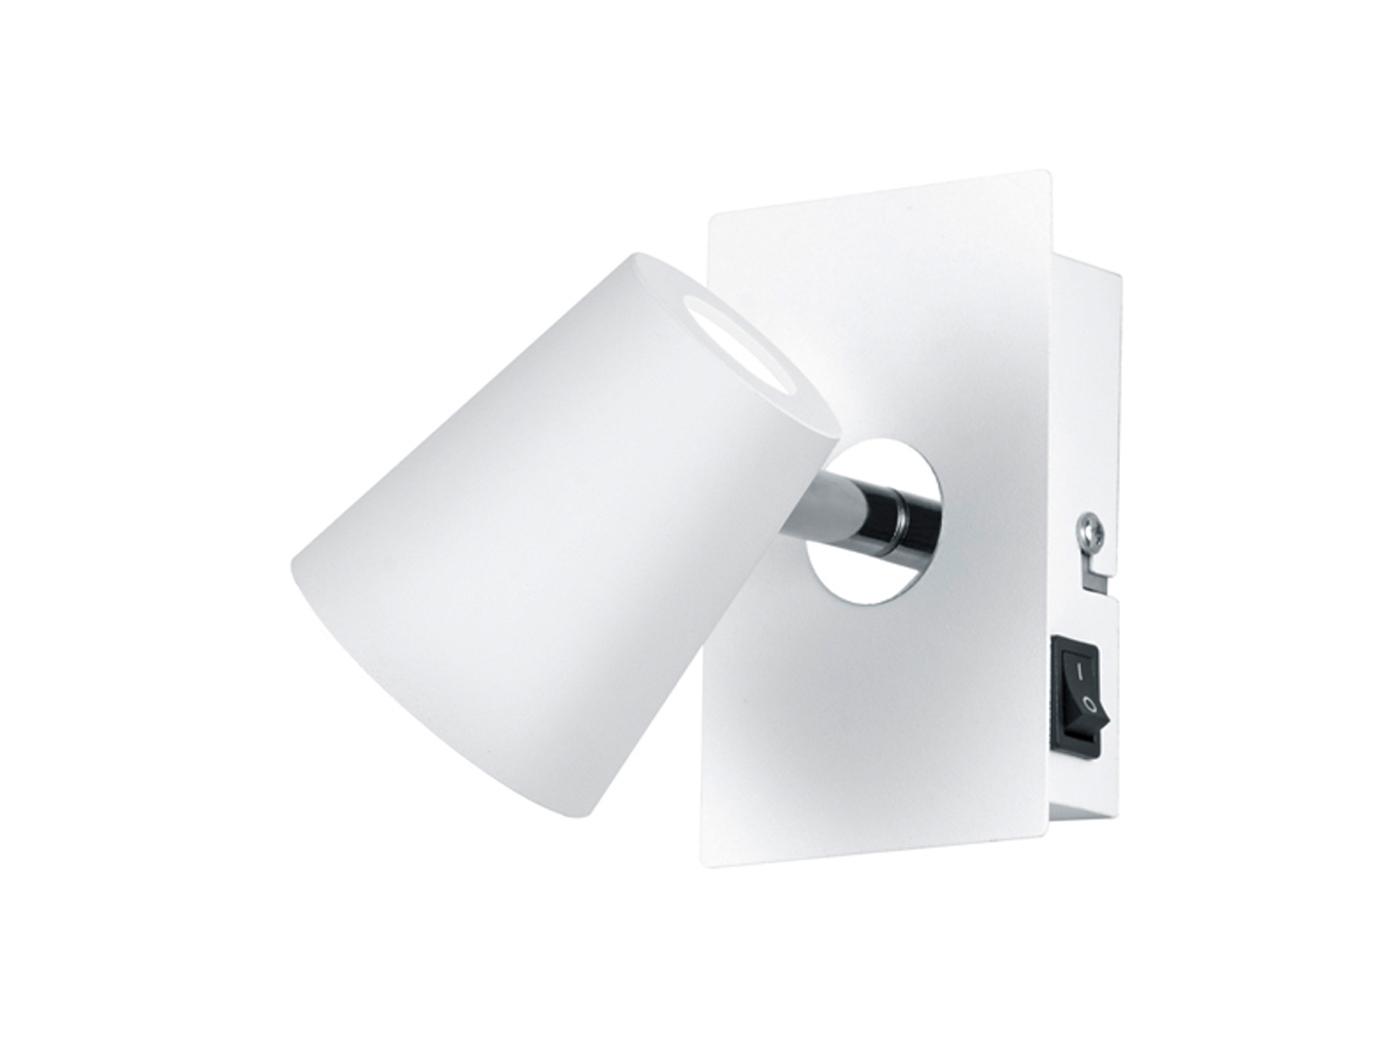 LED Wandstrahler Weiß matt Spot schwenkbar 6W - Wandleuchten Schlafzimmer